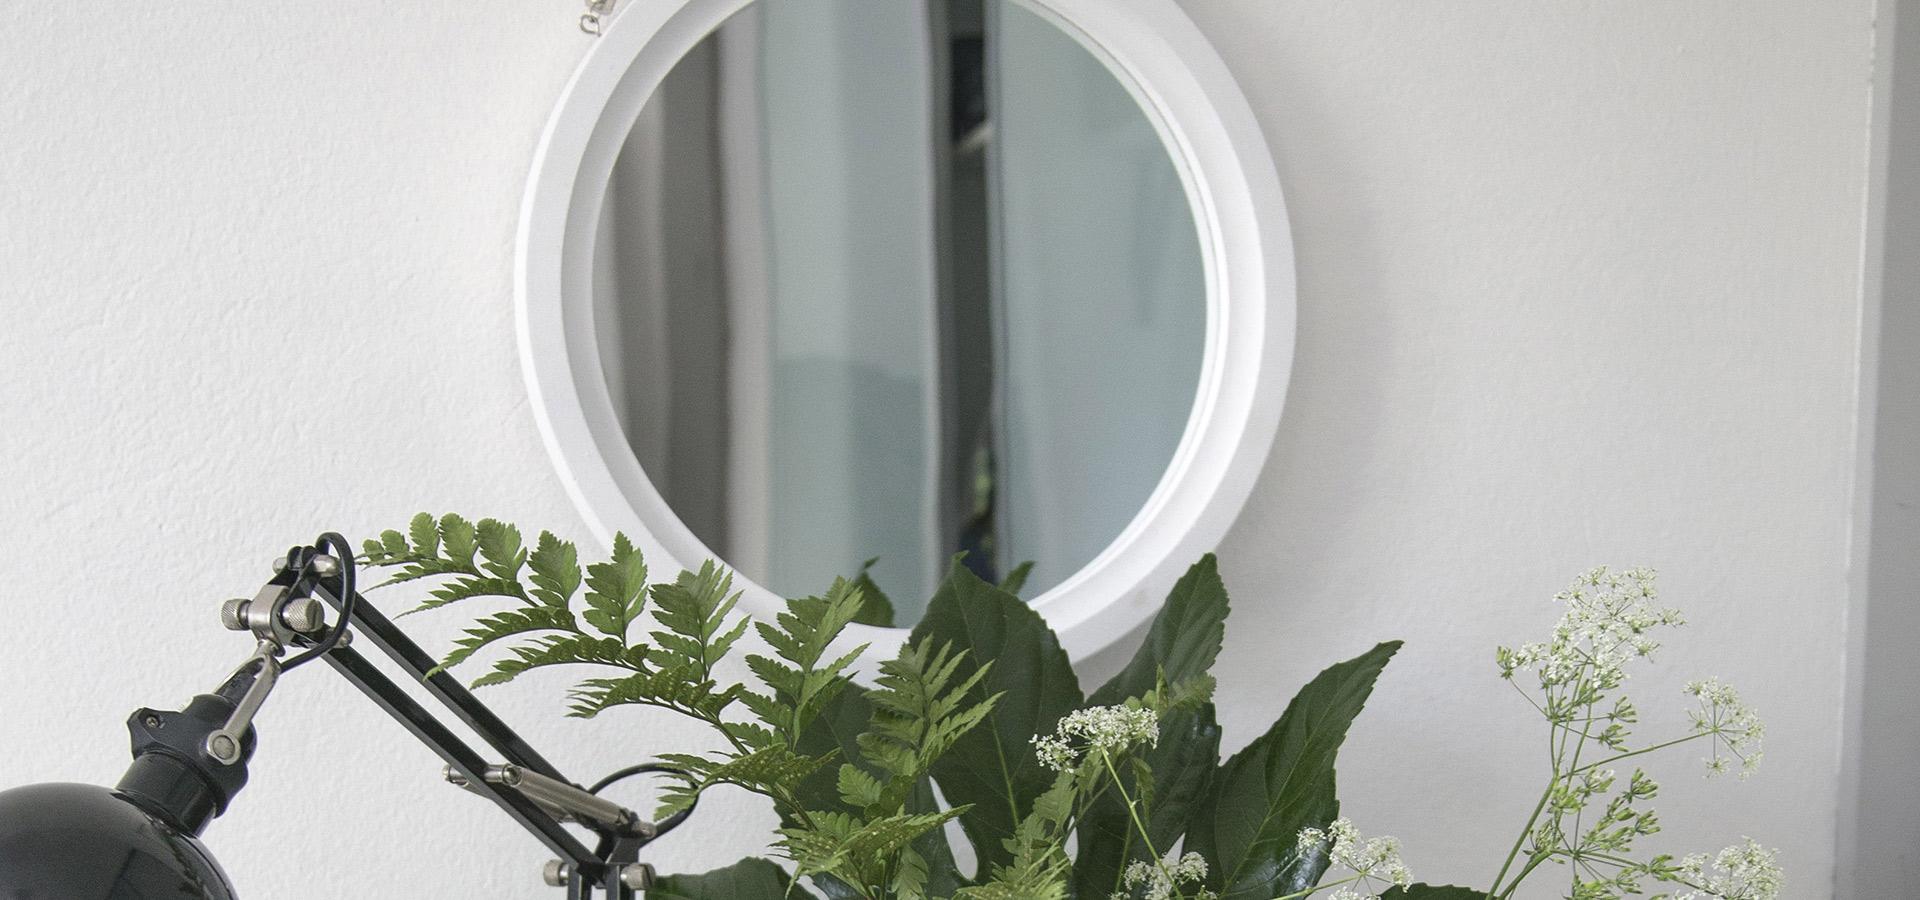 feng shui tipps f r anf nger bonava. Black Bedroom Furniture Sets. Home Design Ideas